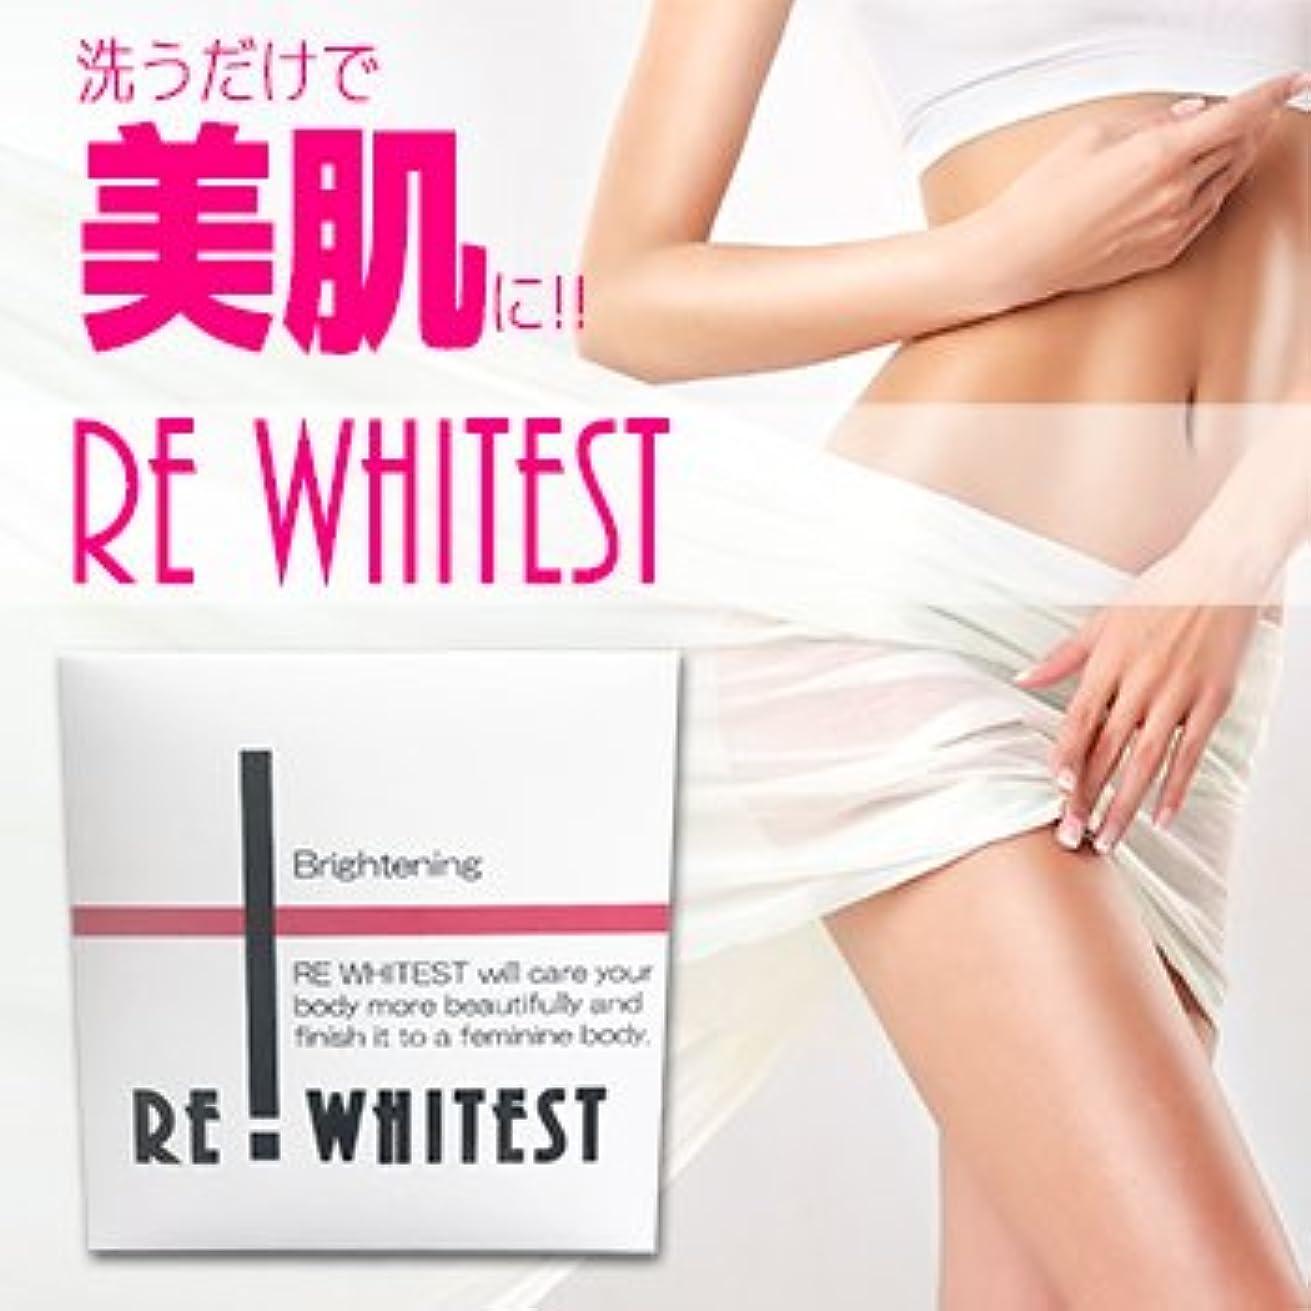 緩むプロペラ請求可能パパイン+イソフラボン配合女性用美肌石鹸 REWHITEST-リホワイテスト-